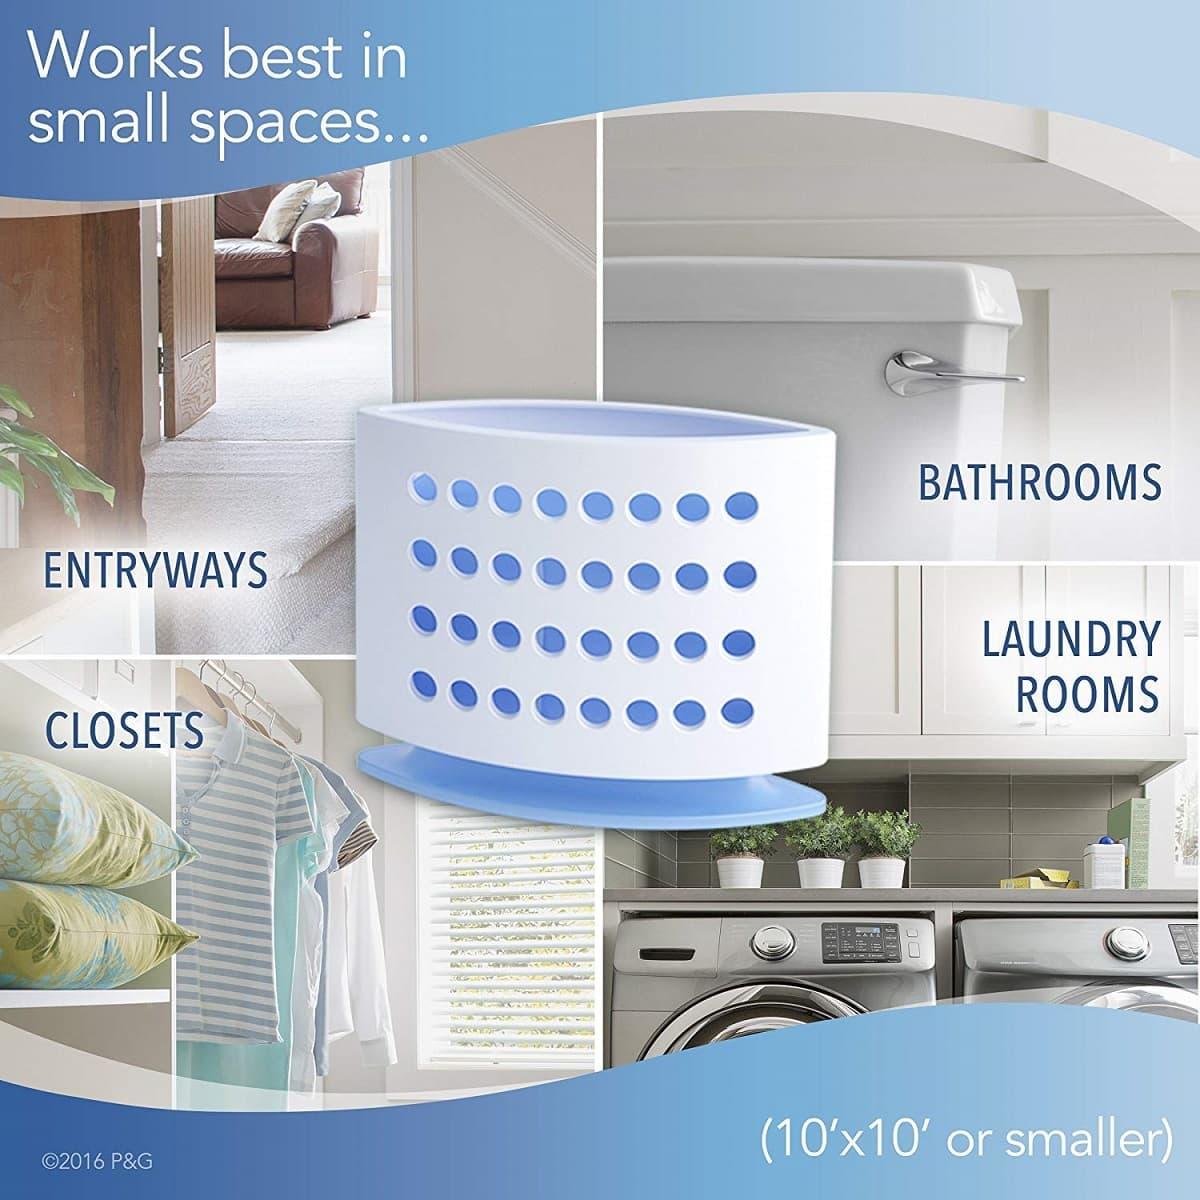 febreze air freshener image